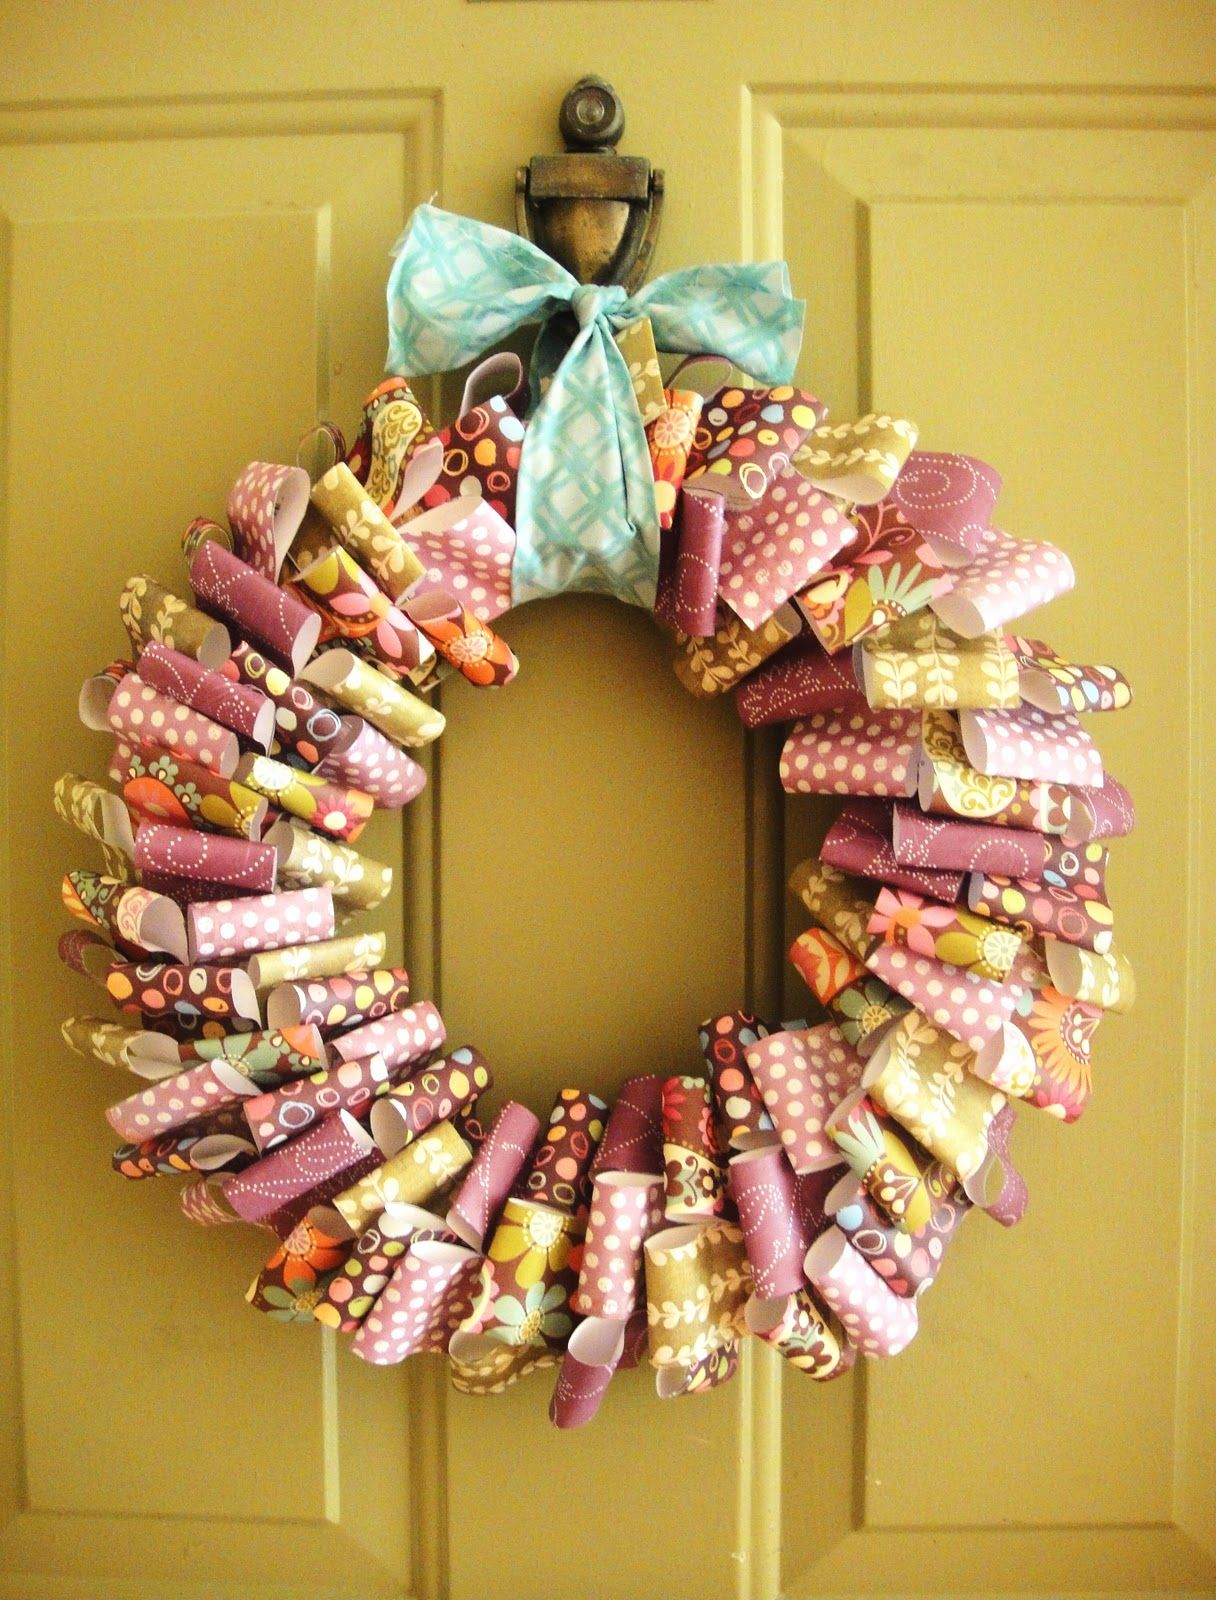 Another paper wreath scrap pinterest coronas - Manualidades con papel navidenas ...